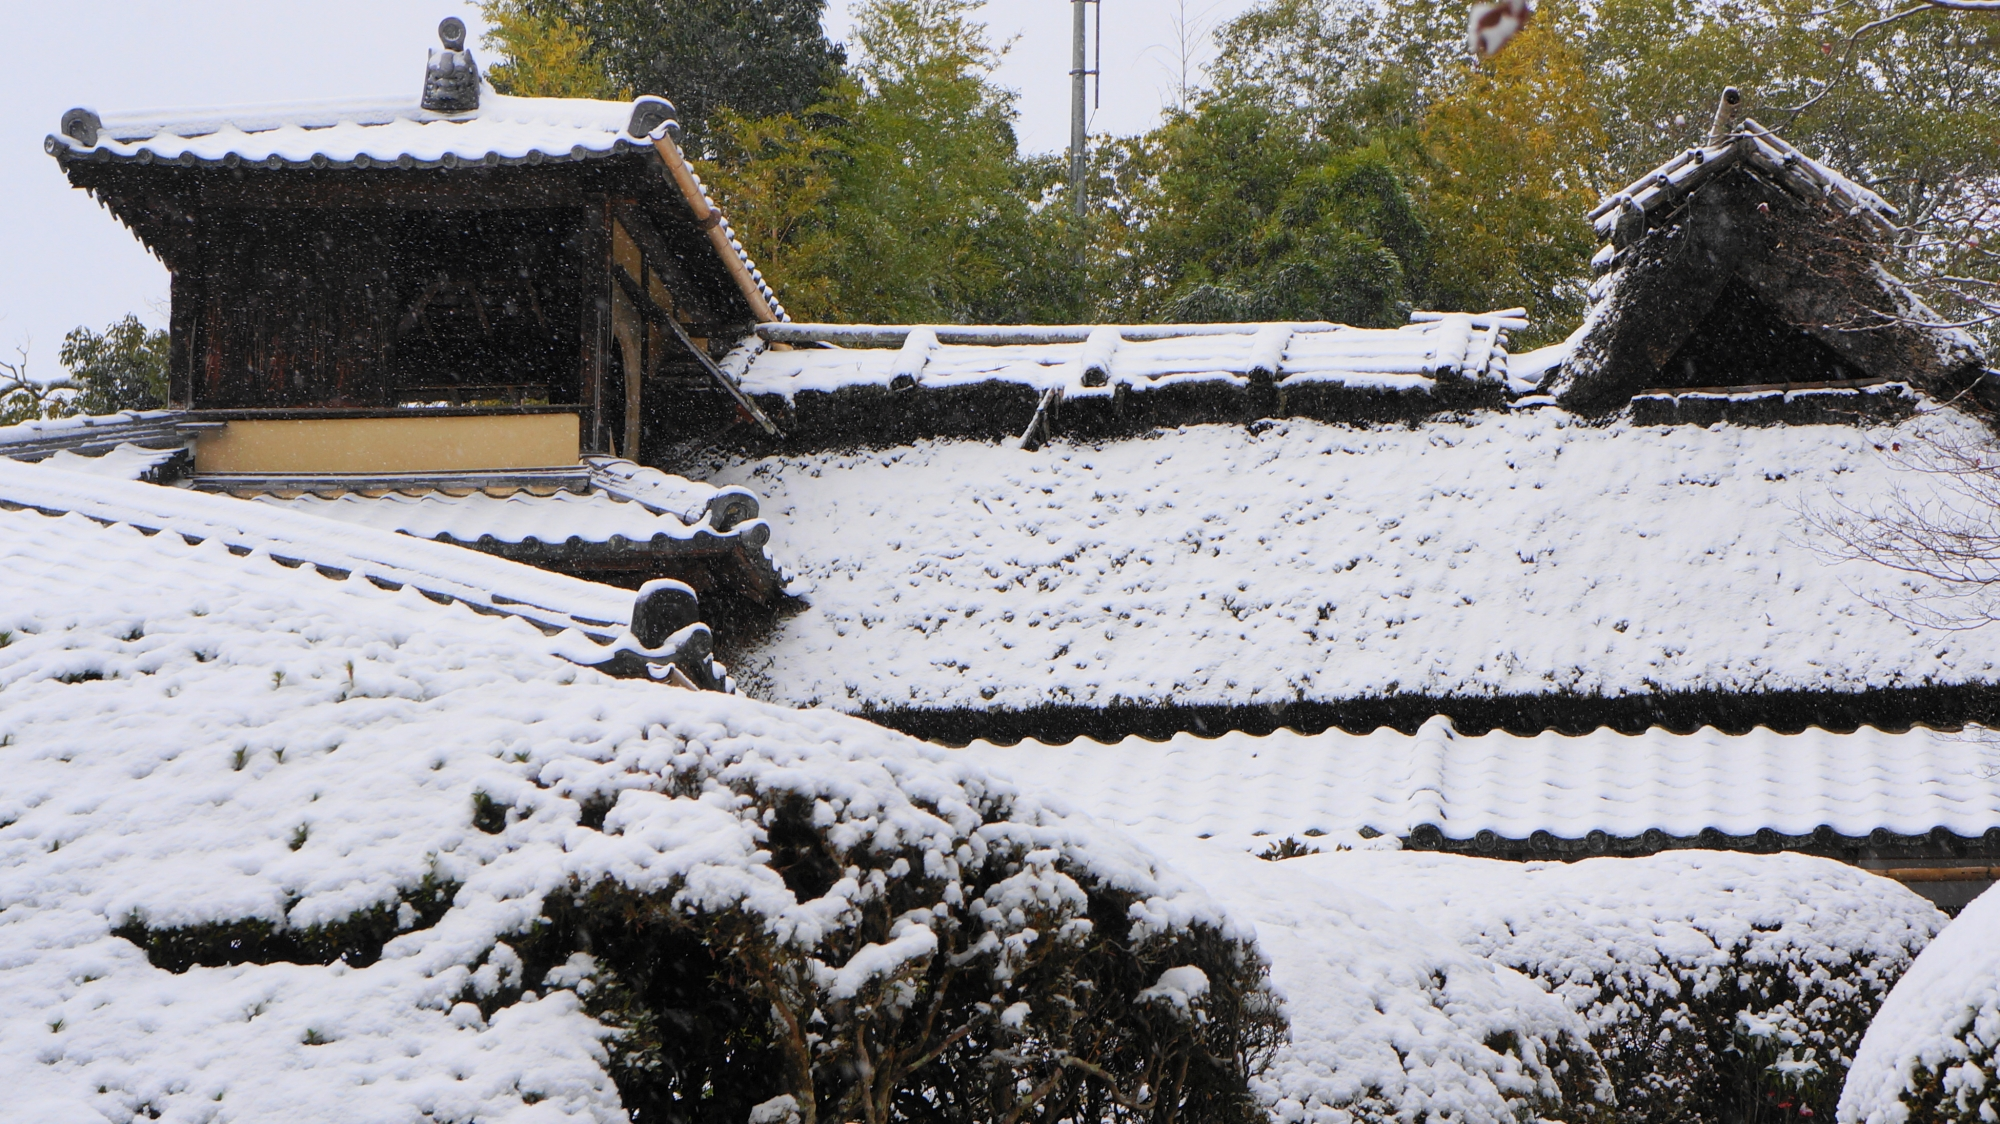 詩仙堂の見事な雪の嘯月楼